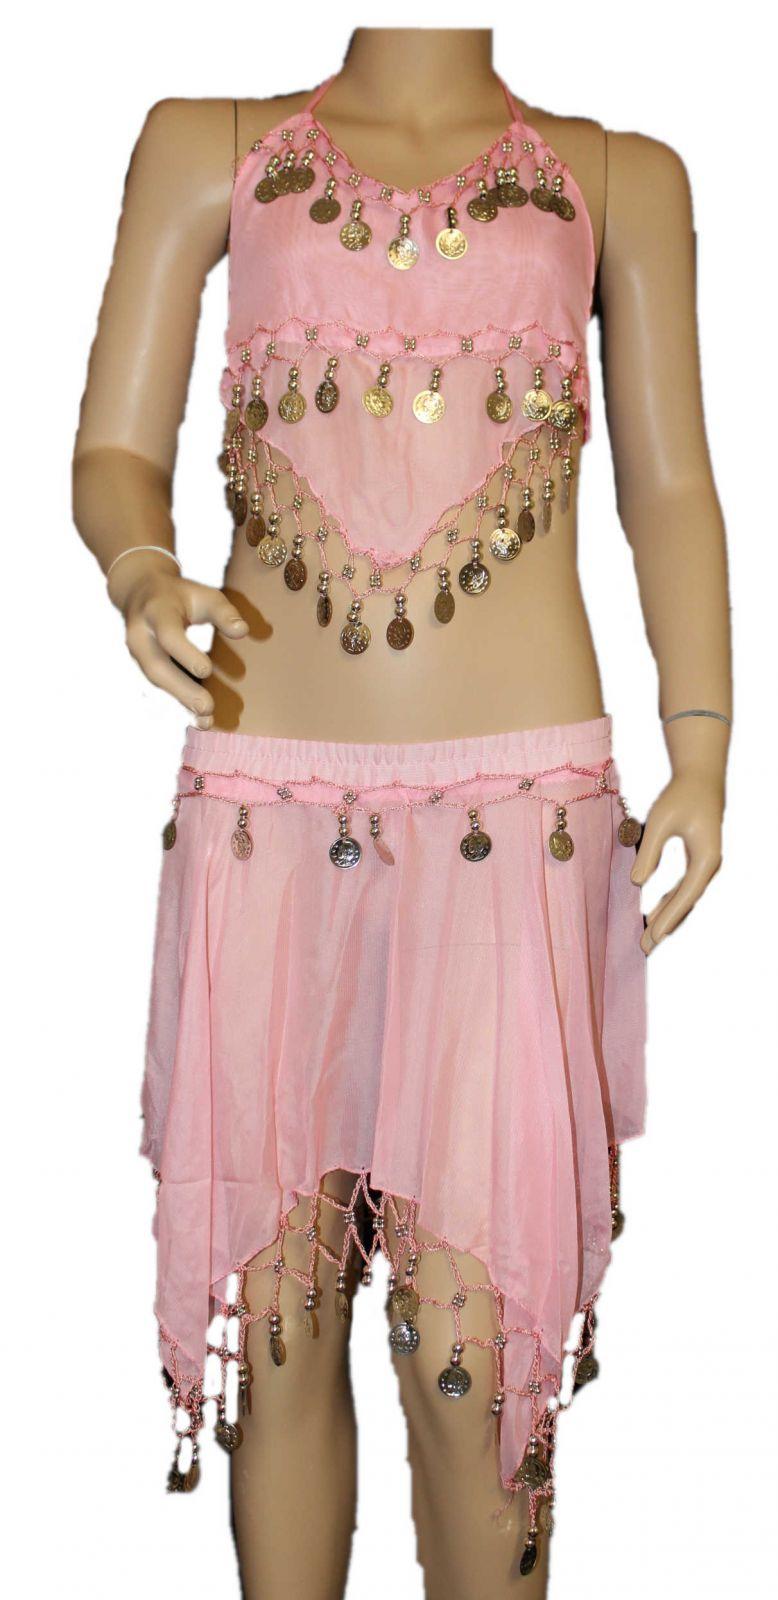 6b916423436 Dětský kostým břišní tanečnice dívčí břišní tance